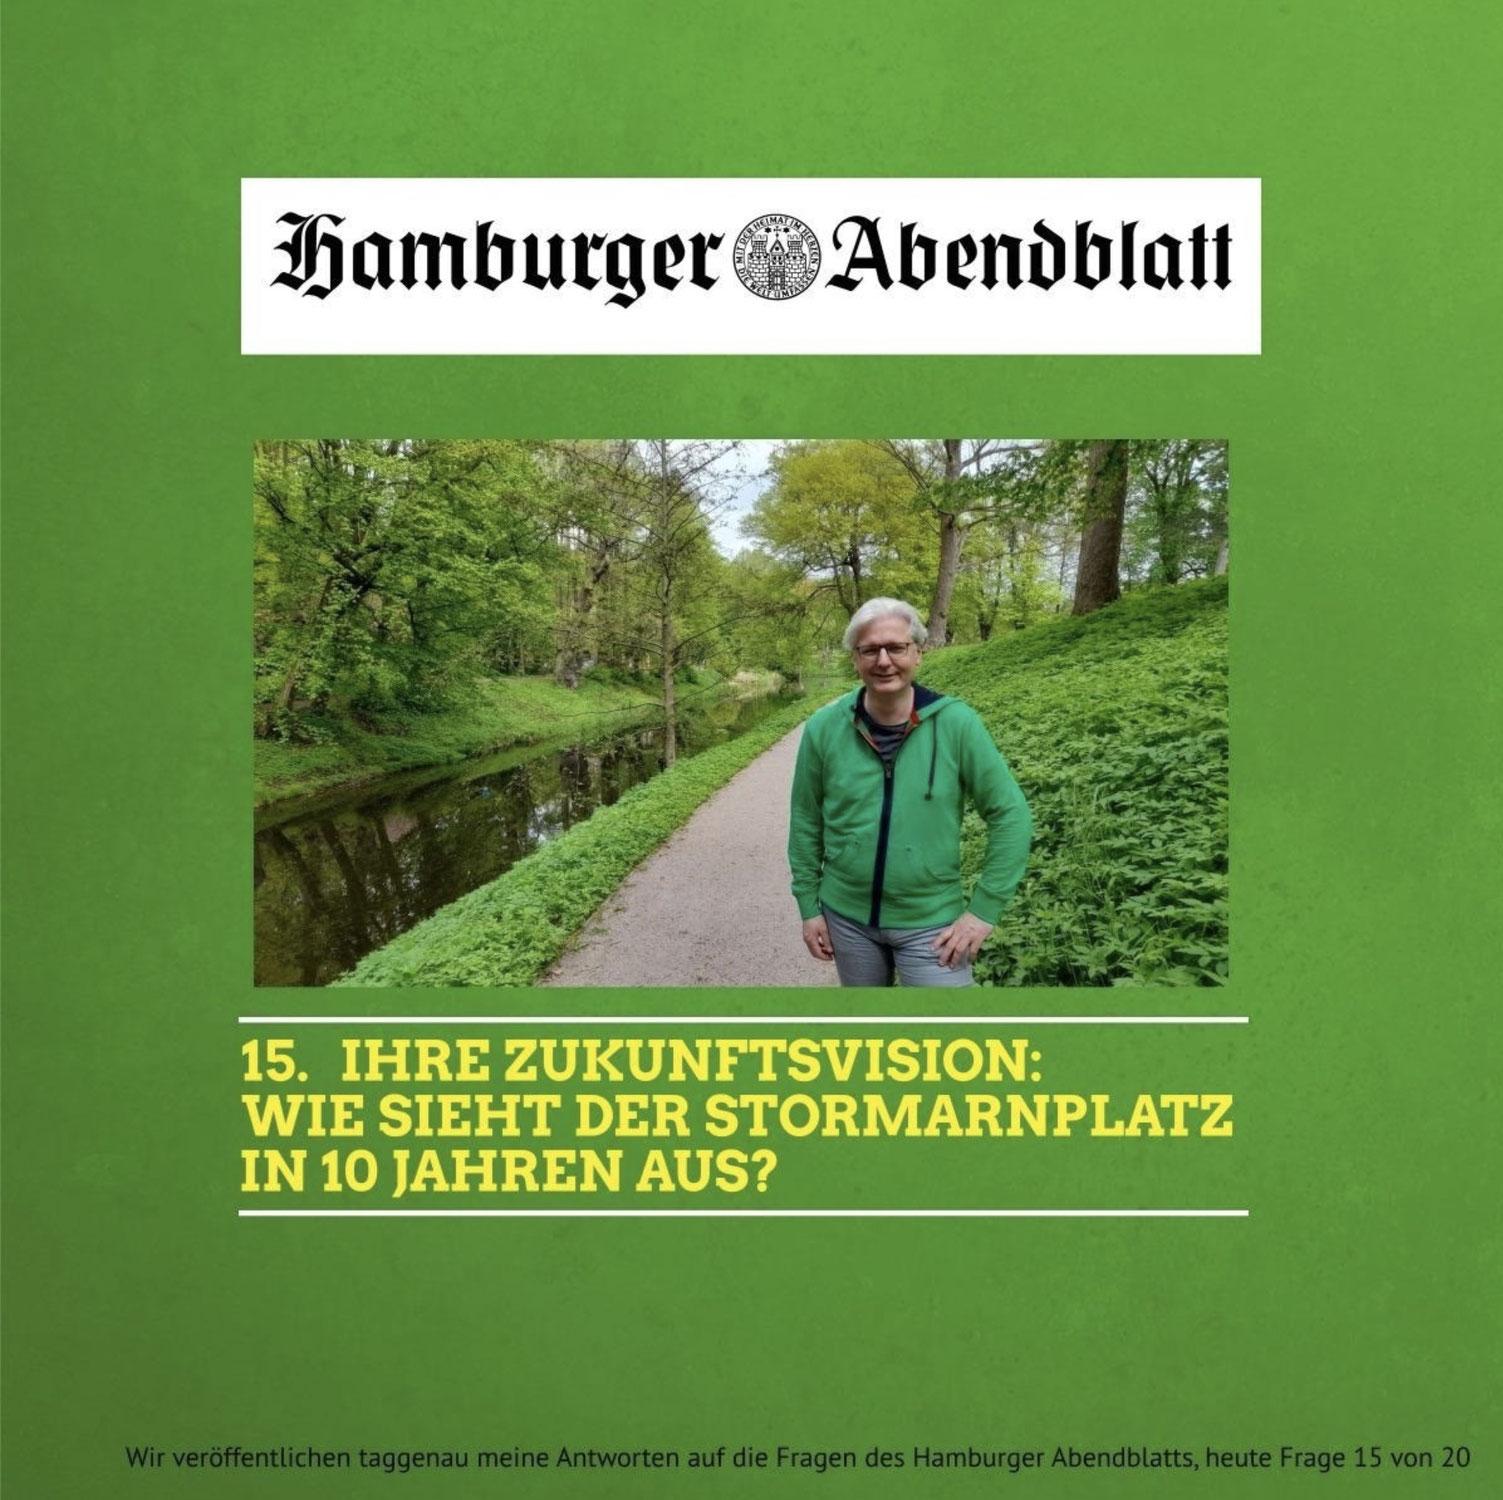 Das Hamburger Abendblatt fragt, Christian Schubbert antwortet: 15. Ihre Zukunftsvision: Wie sieht der Stormarnplatz in 10 Jahren aus?